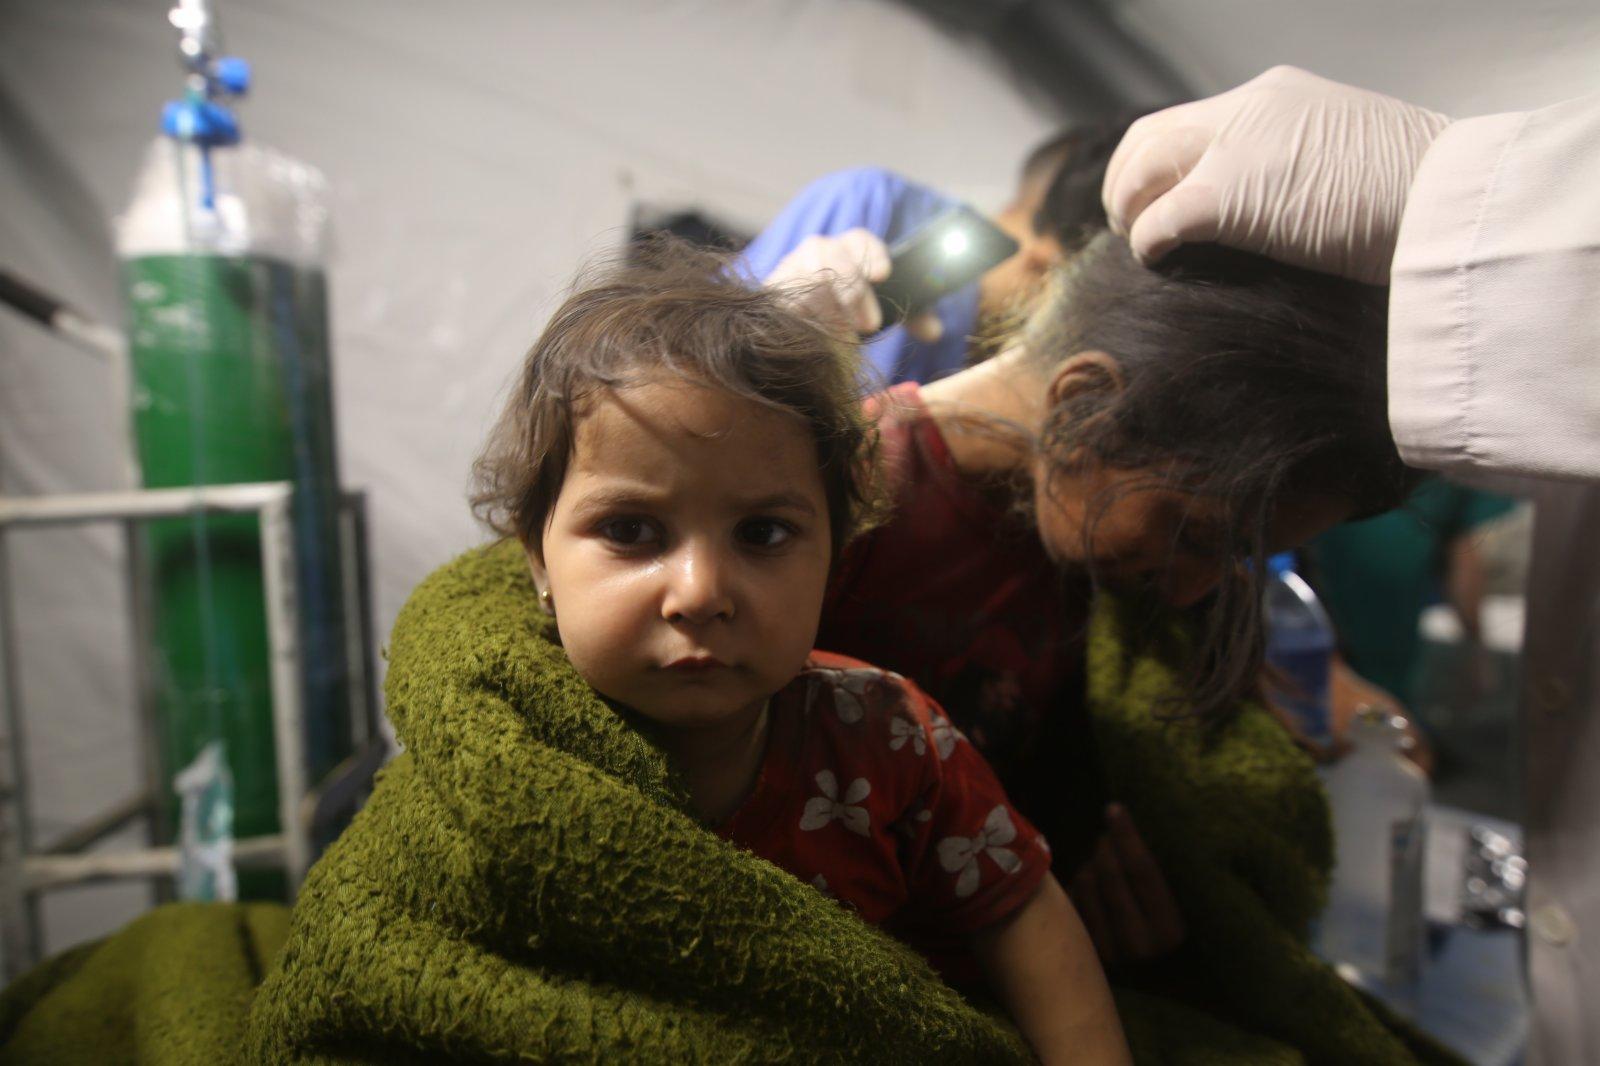 5月13日,在加沙地帶城市拉法,在空襲中受傷的巴勒斯坦兒童接受治療。(新華社)